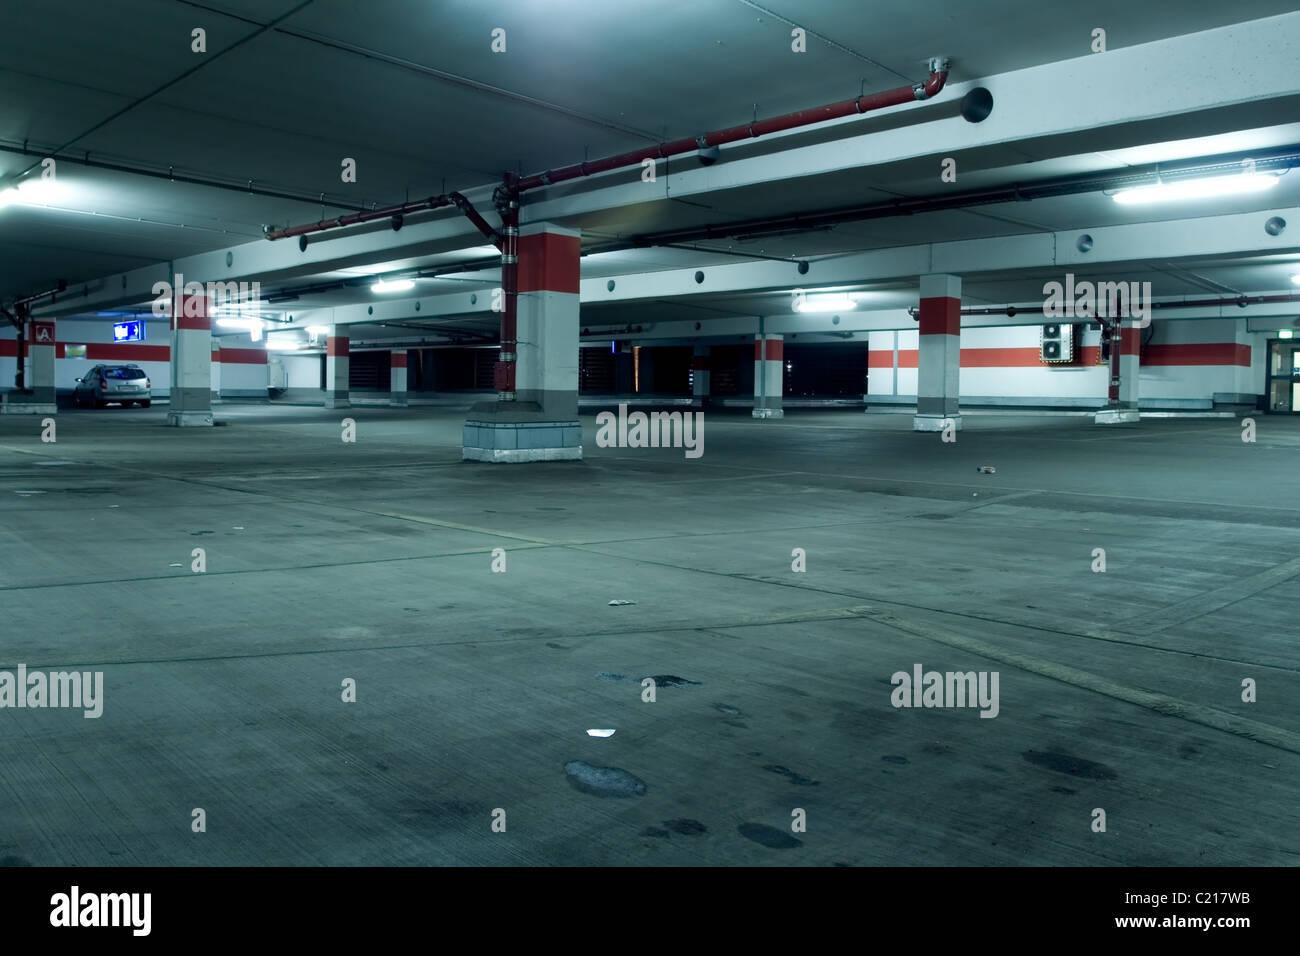 Underground parking garage - Stock Image